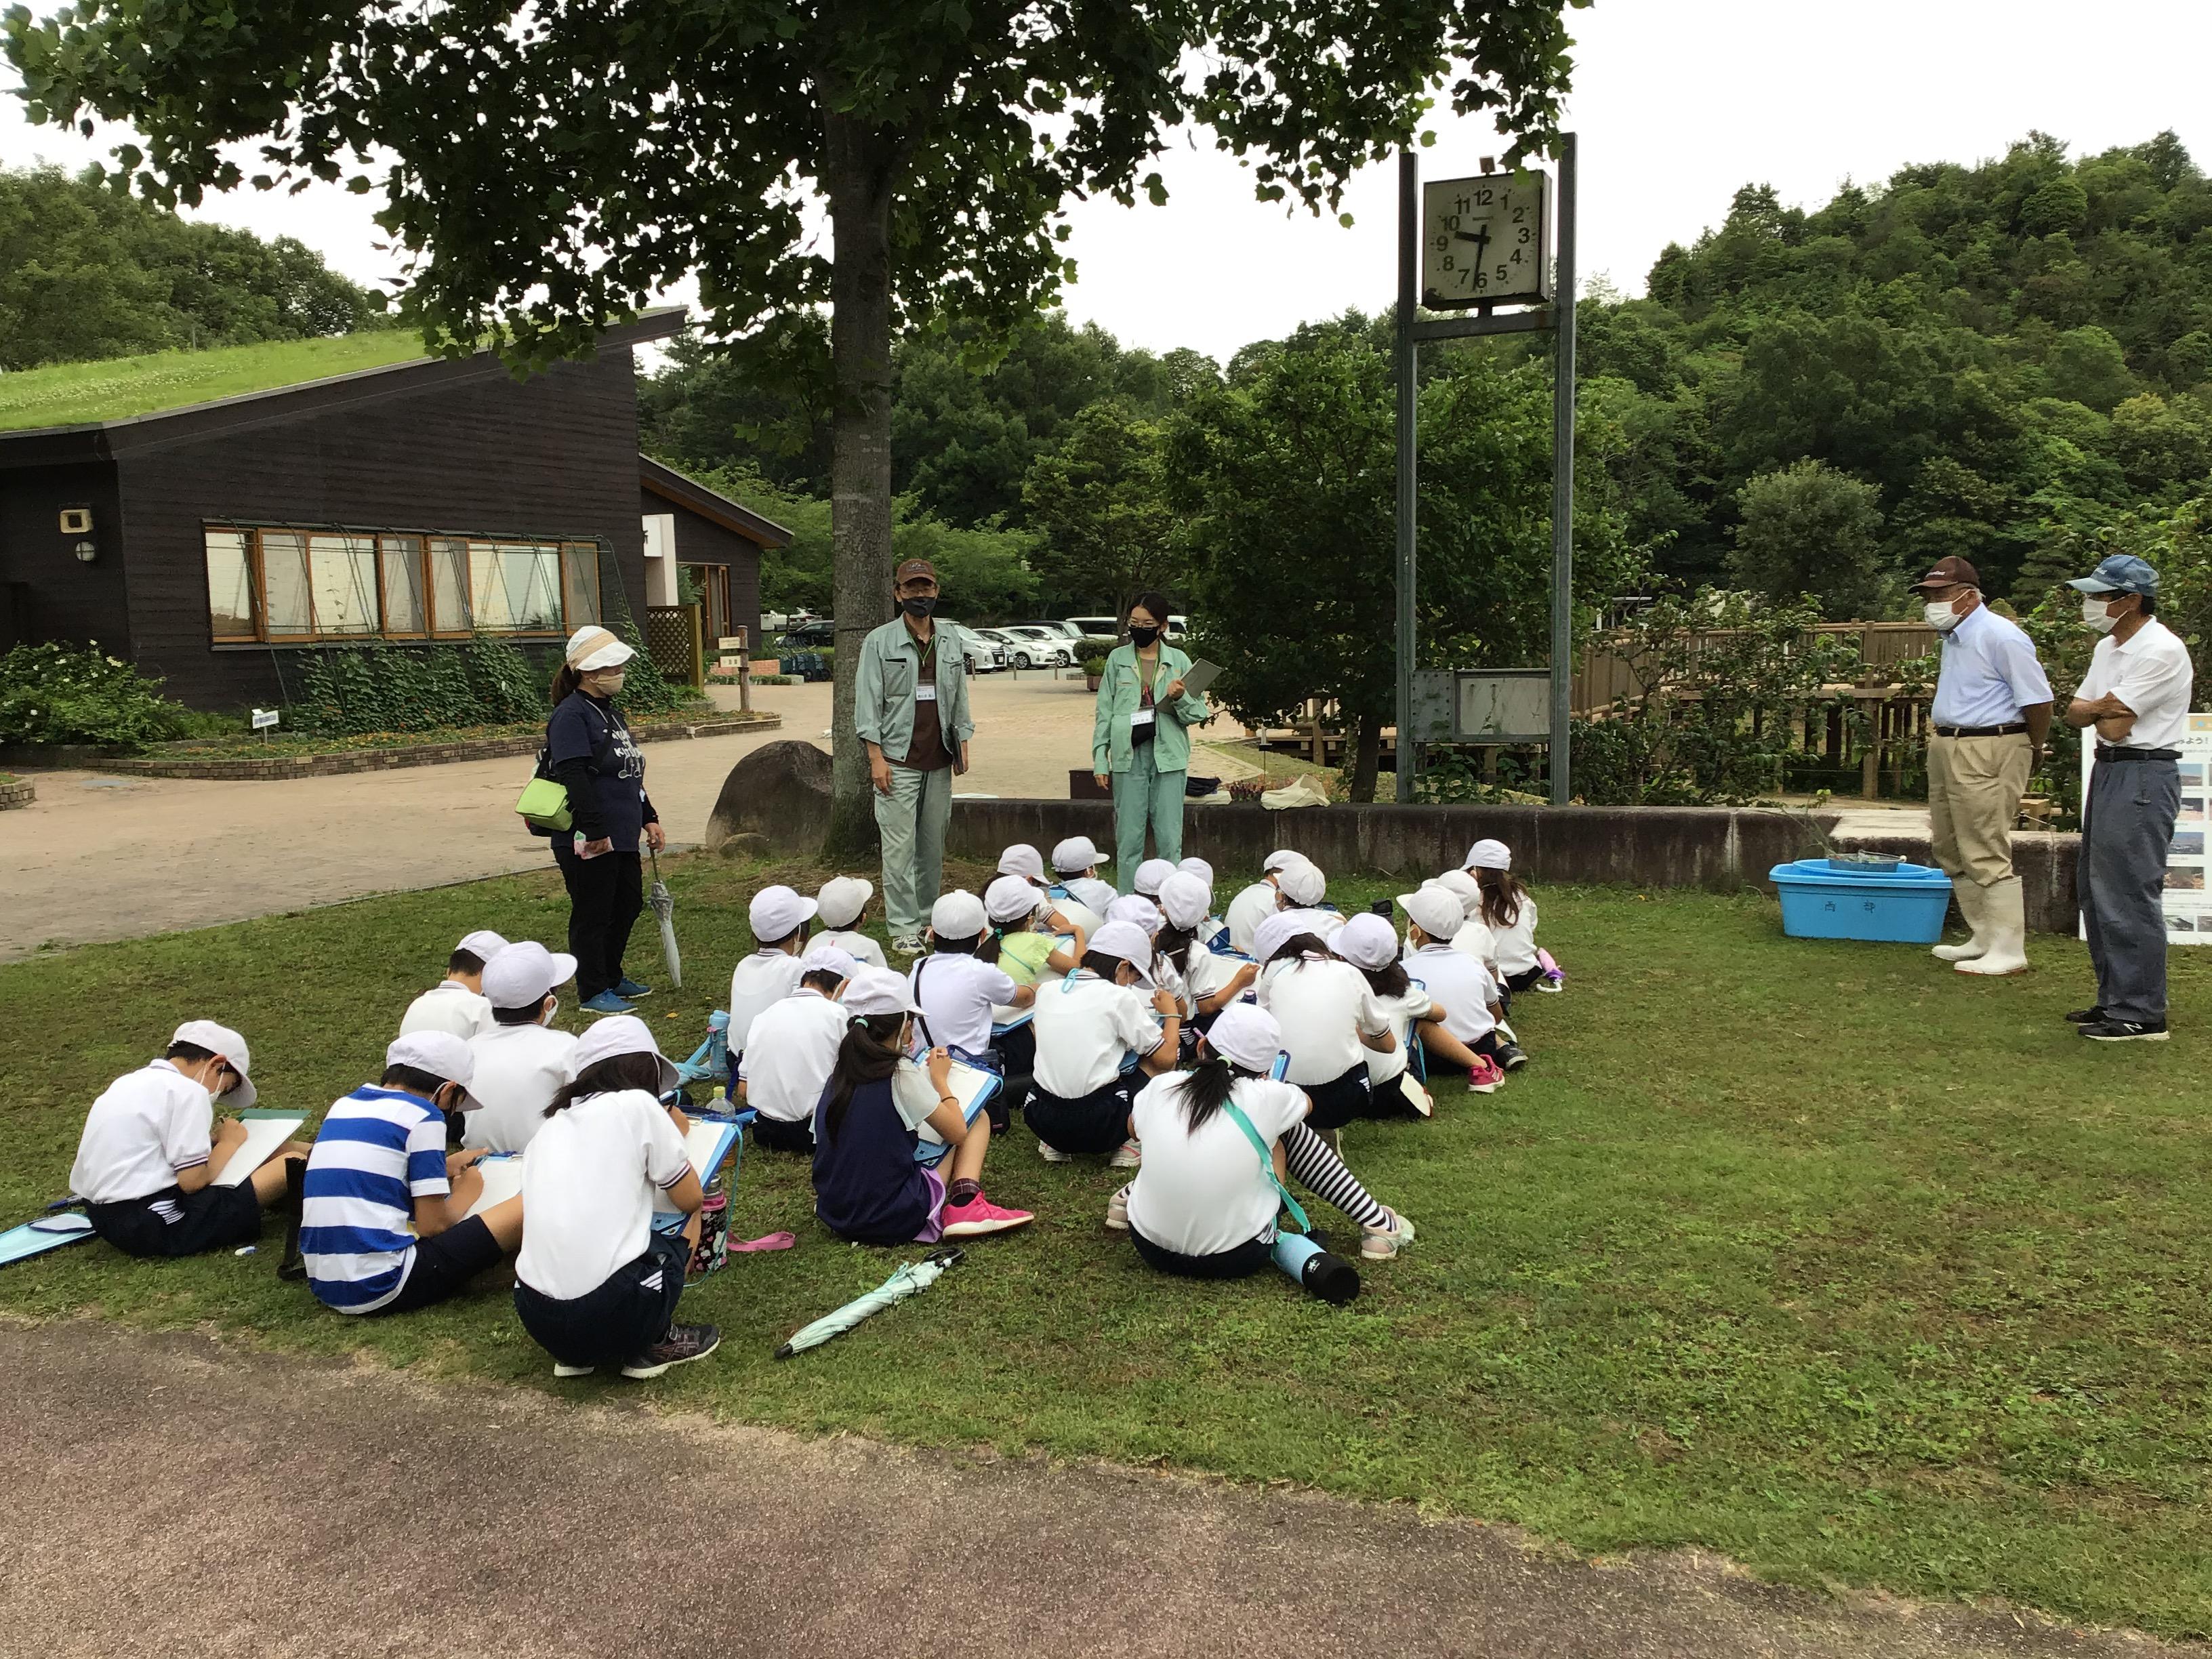 加古川流域土地改良事務所整備第1課の朝比奈課長と藤井さん。茶碗1杯のご飯を作るのに、なんとお風呂の水2杯分いるんだって。水は大事に使わないとね。